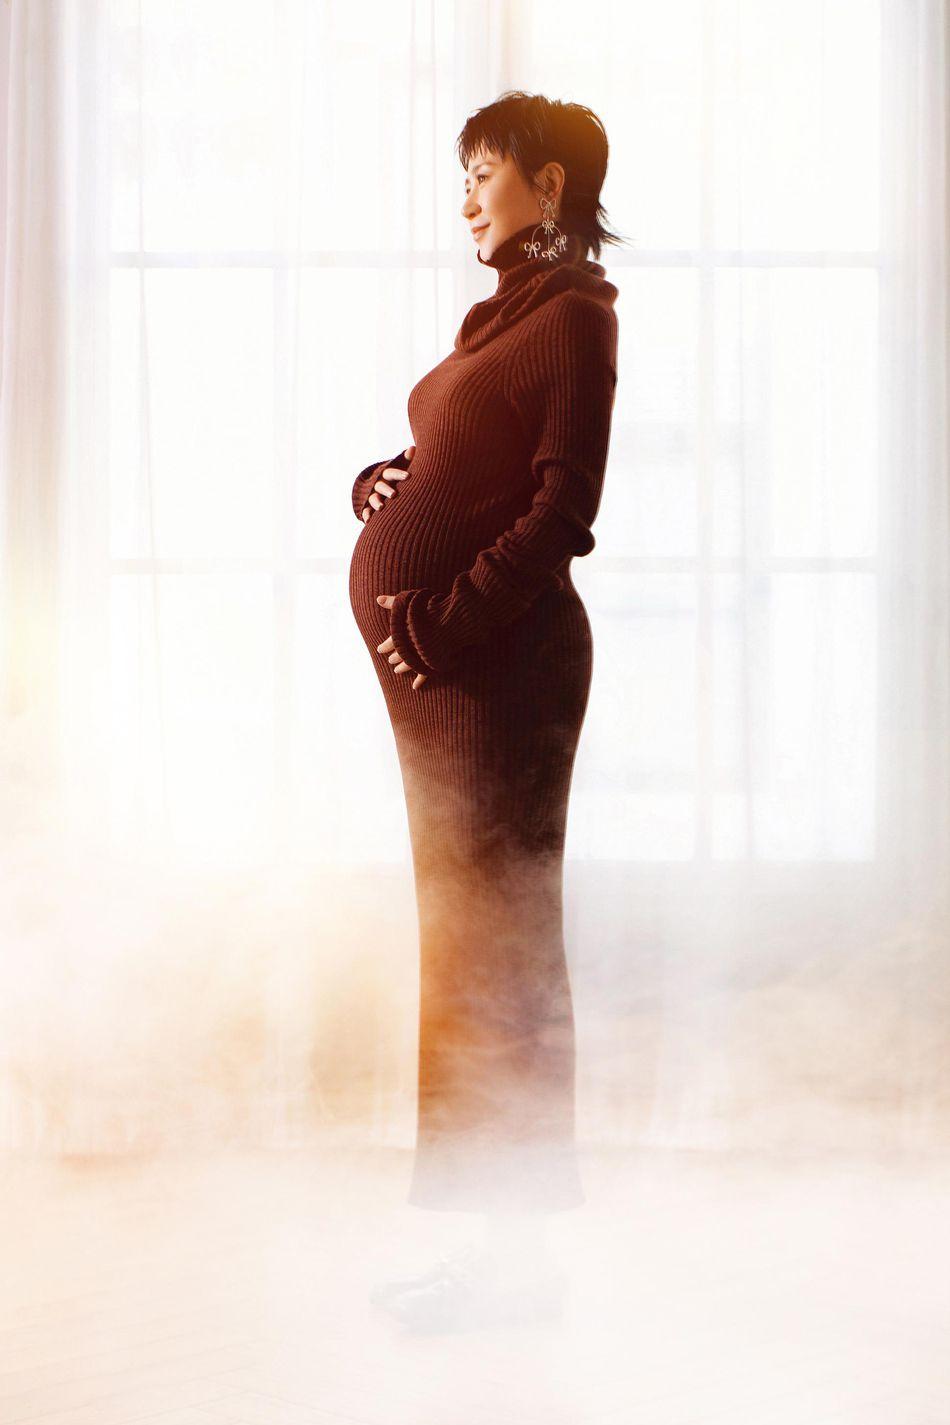 马丽曝孕肚写真曲线曼妙 温暖柔光中散发母爱光芒